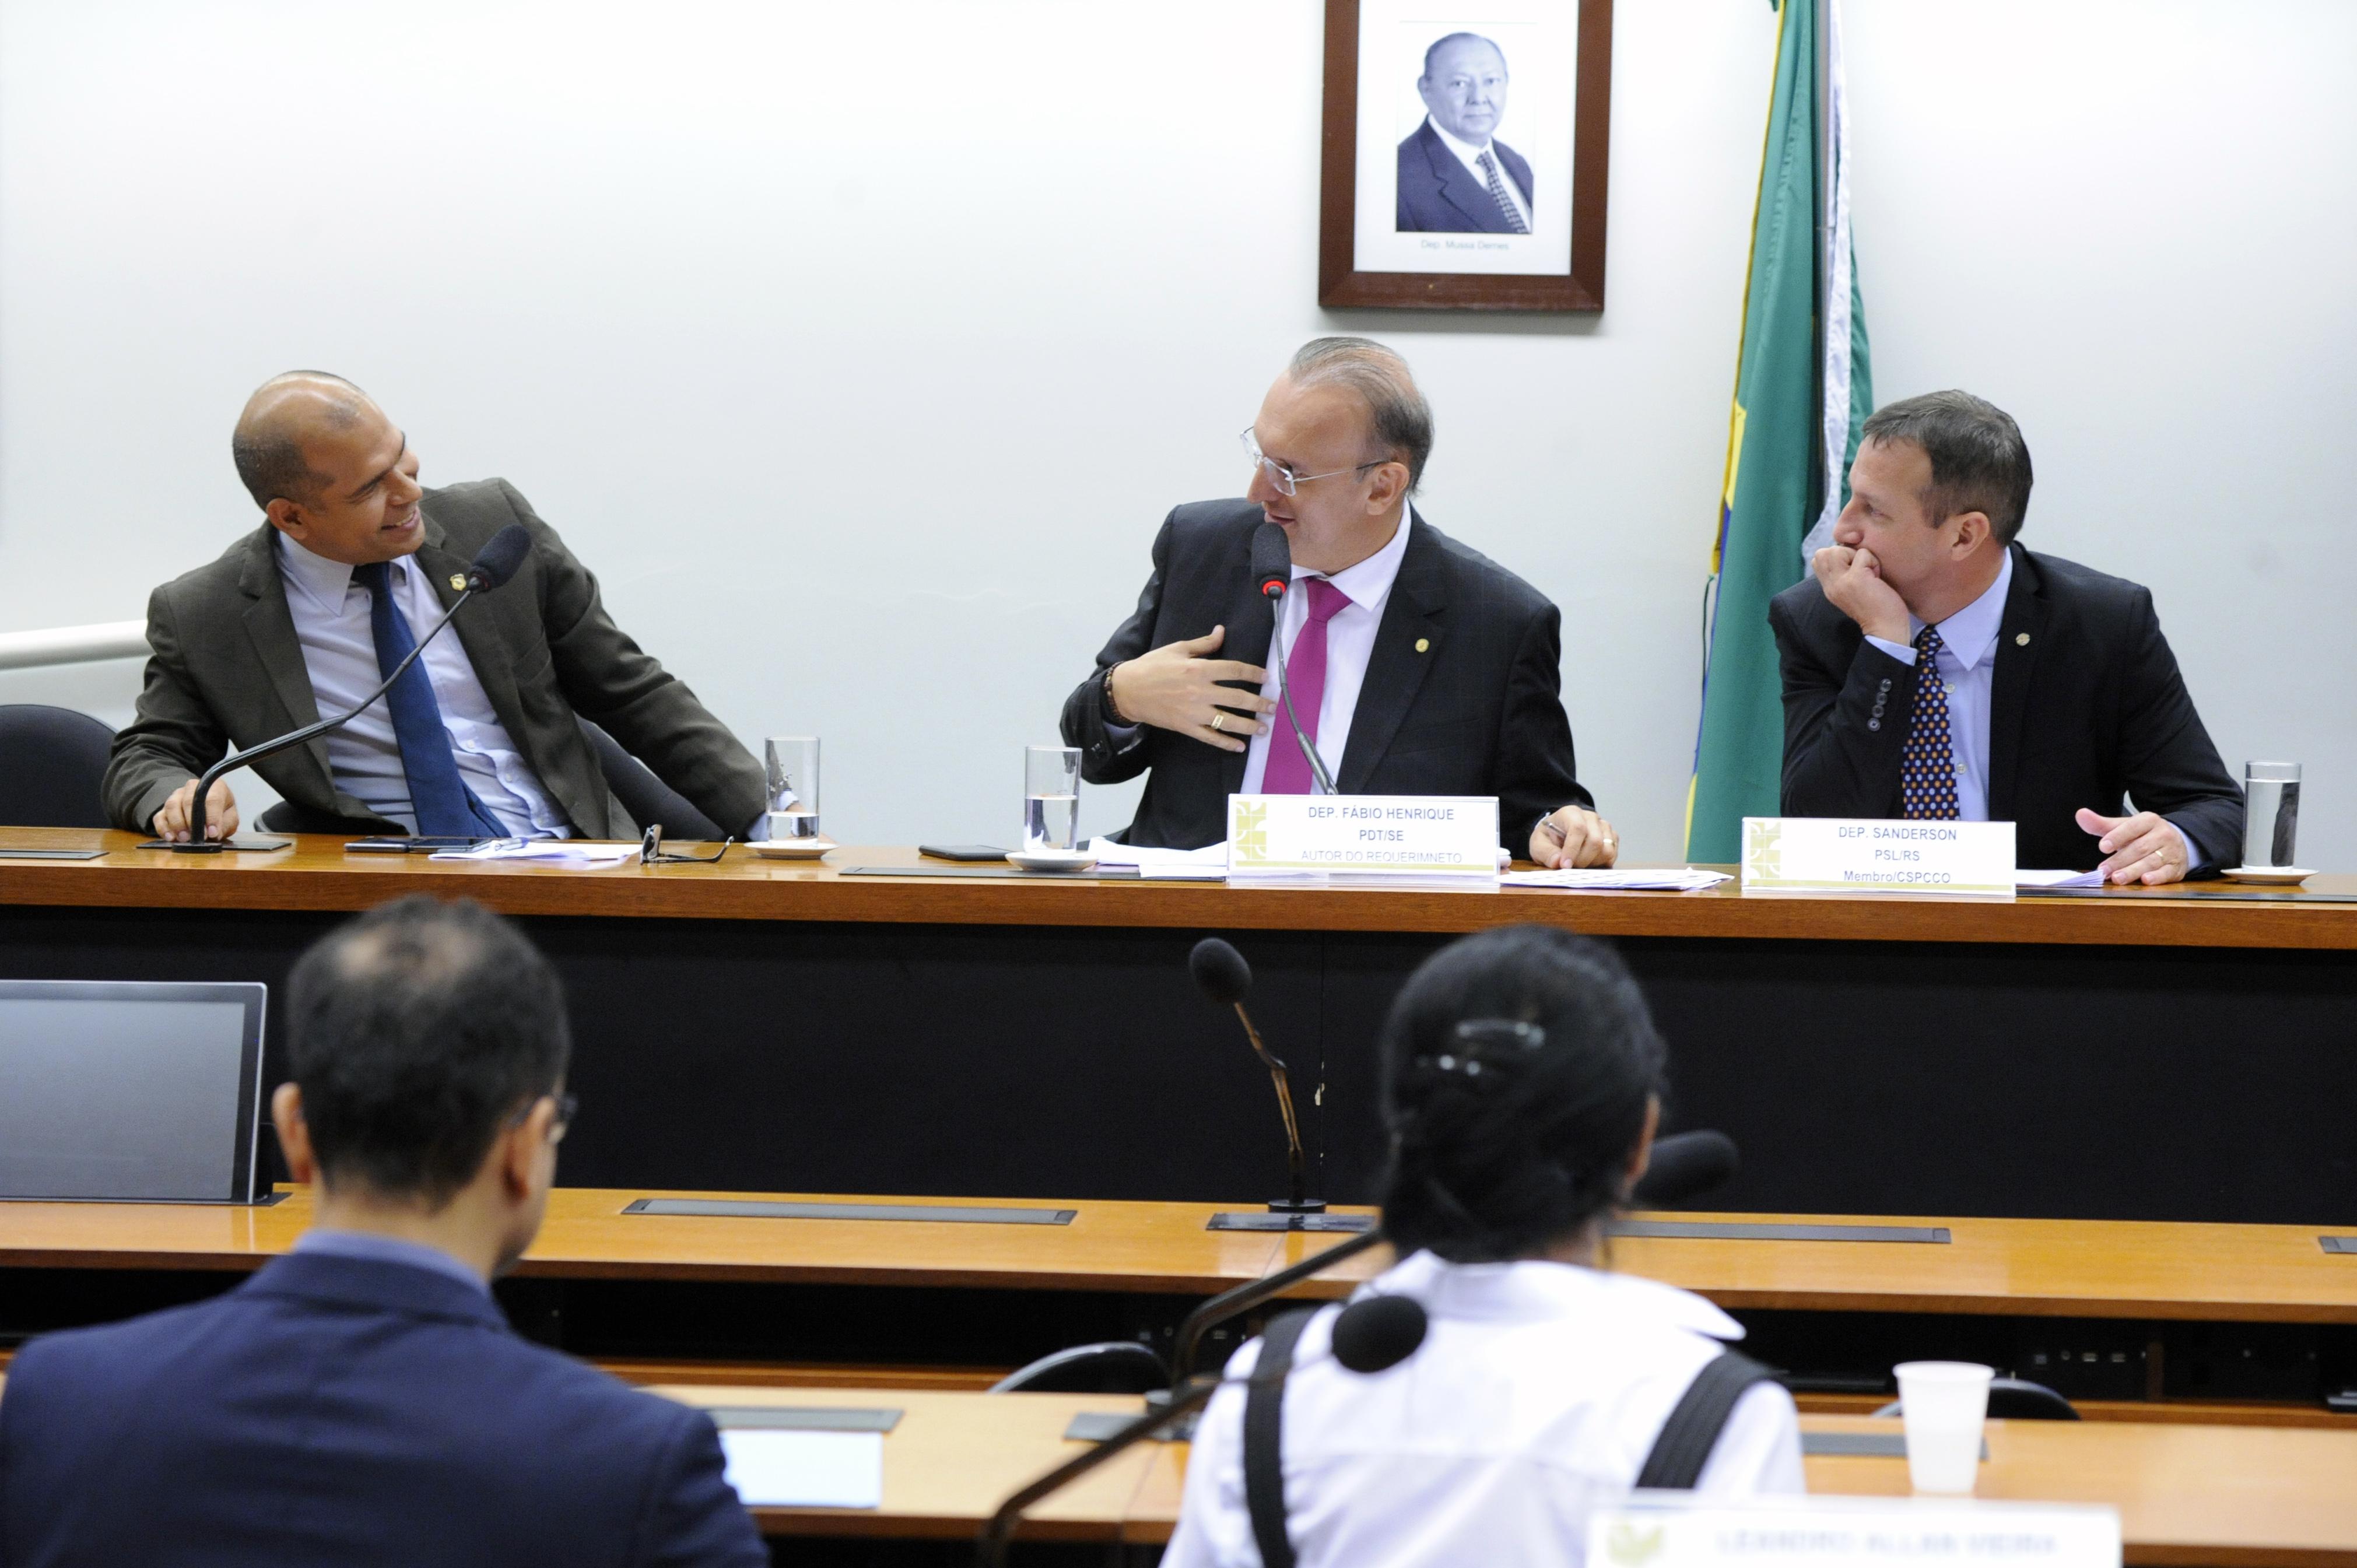 Audiência pública sobre a proposta da Reforma da Previdência para a Segurança Pública